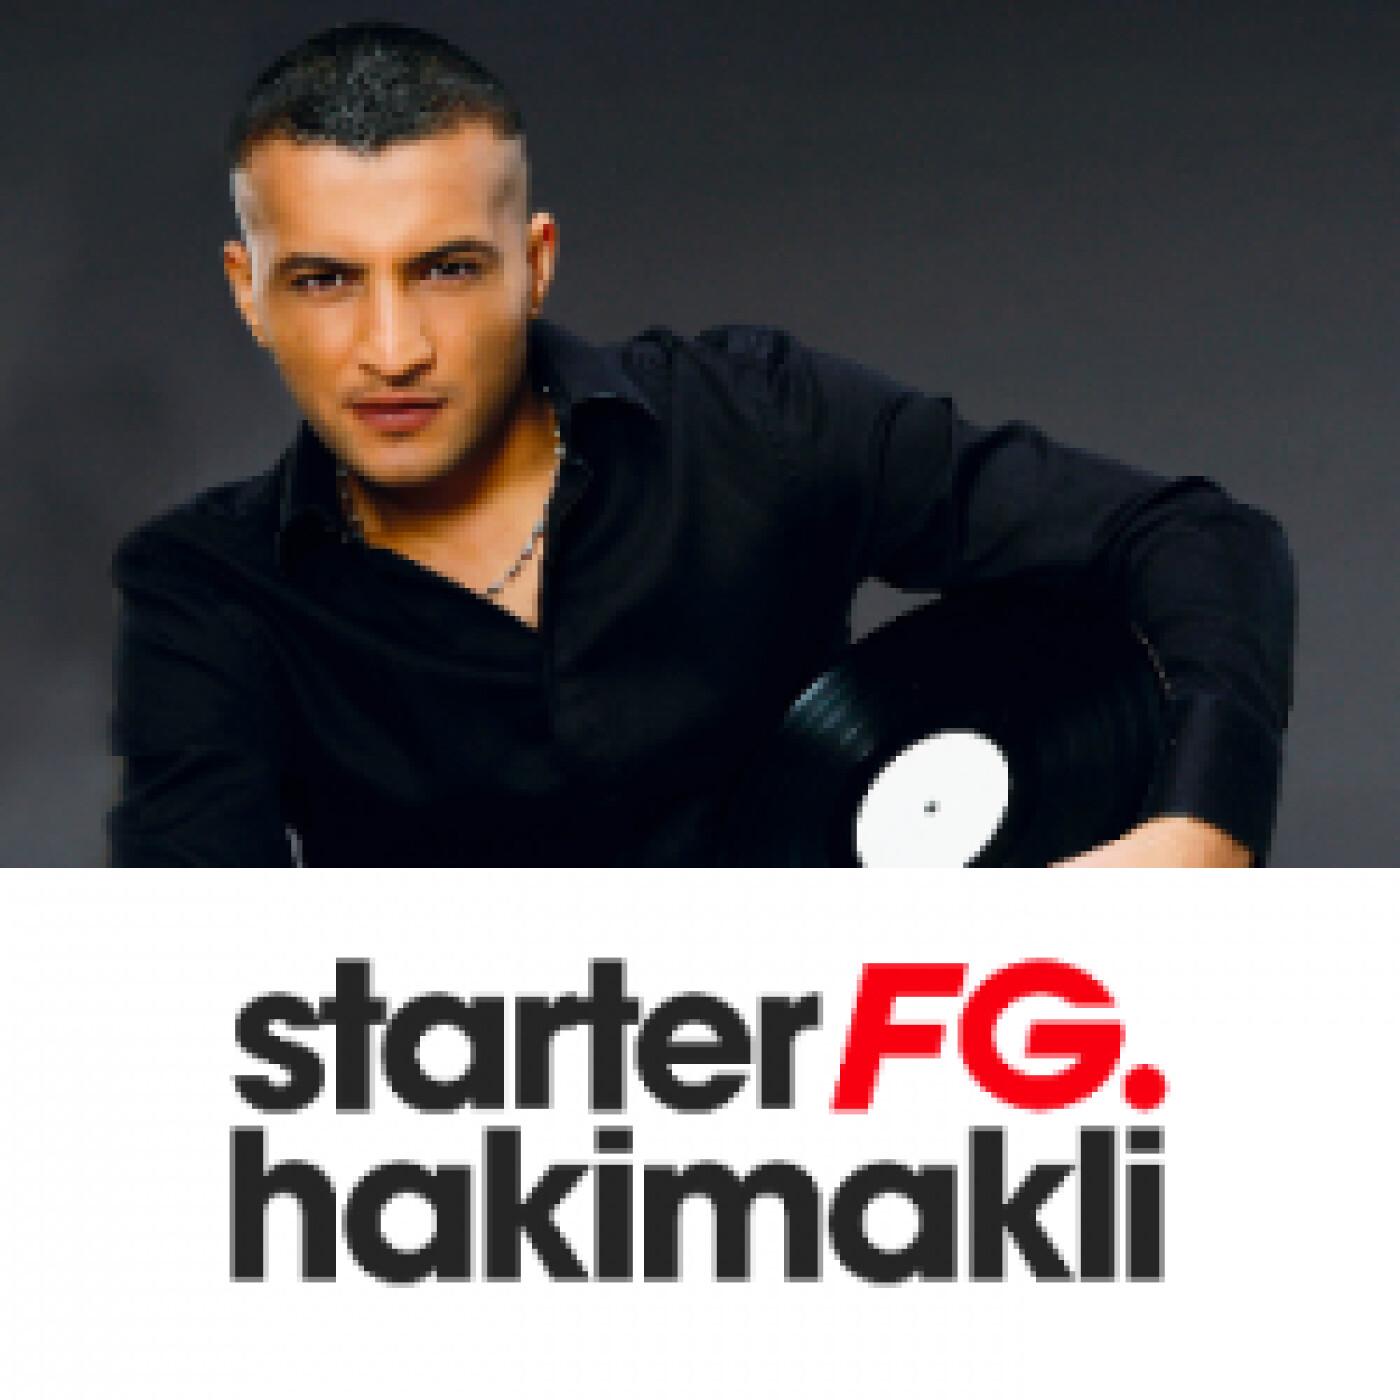 STARTER FG BY HAKIMAKLI LUNDI 7 JUIN 2021